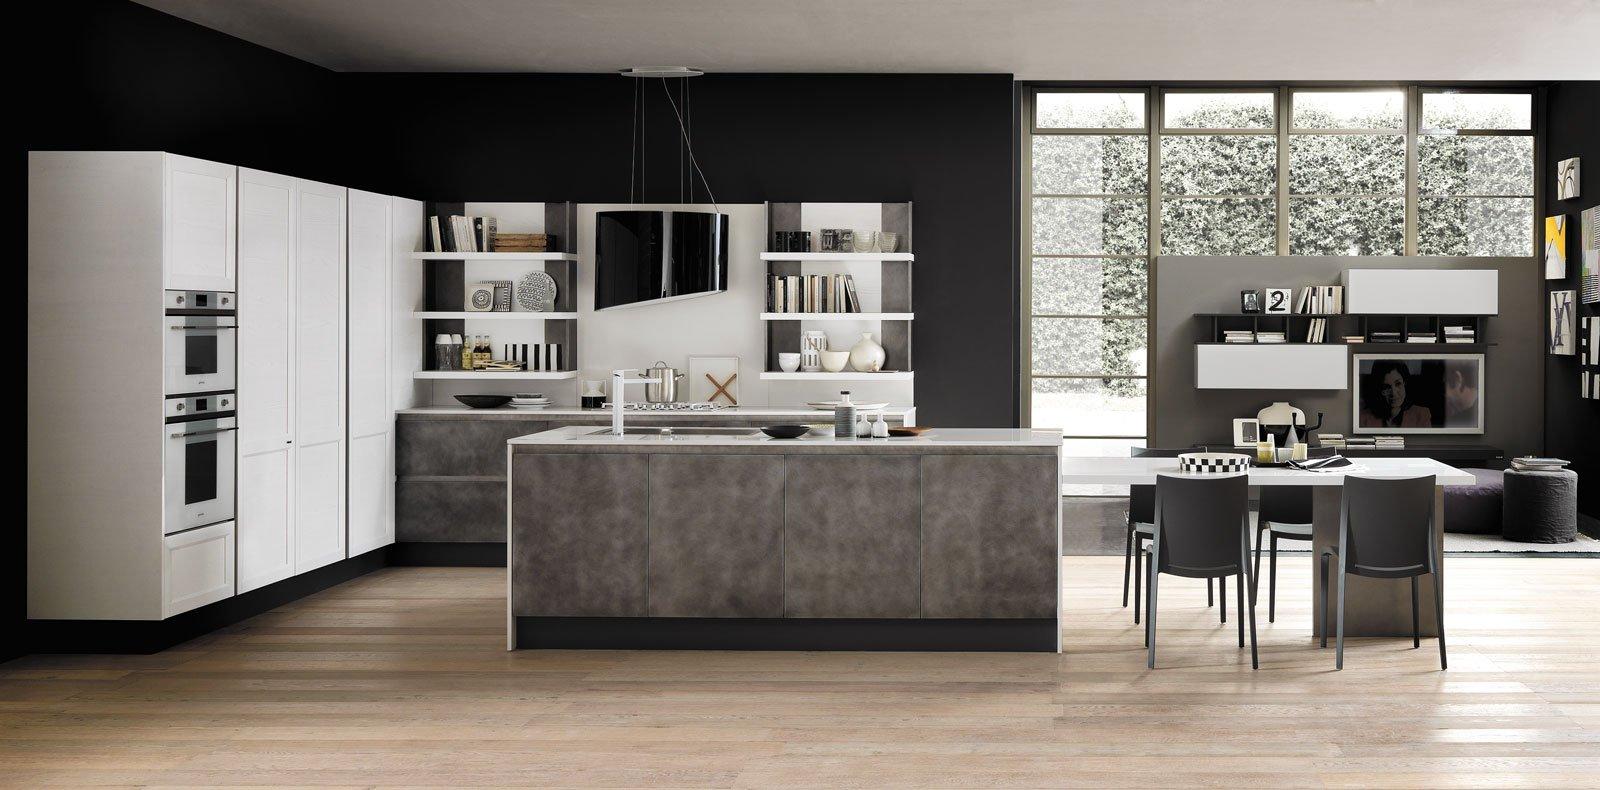 Cucine in grigio di inaspettata freschezza novit - Top cucina fenix prezzo ...